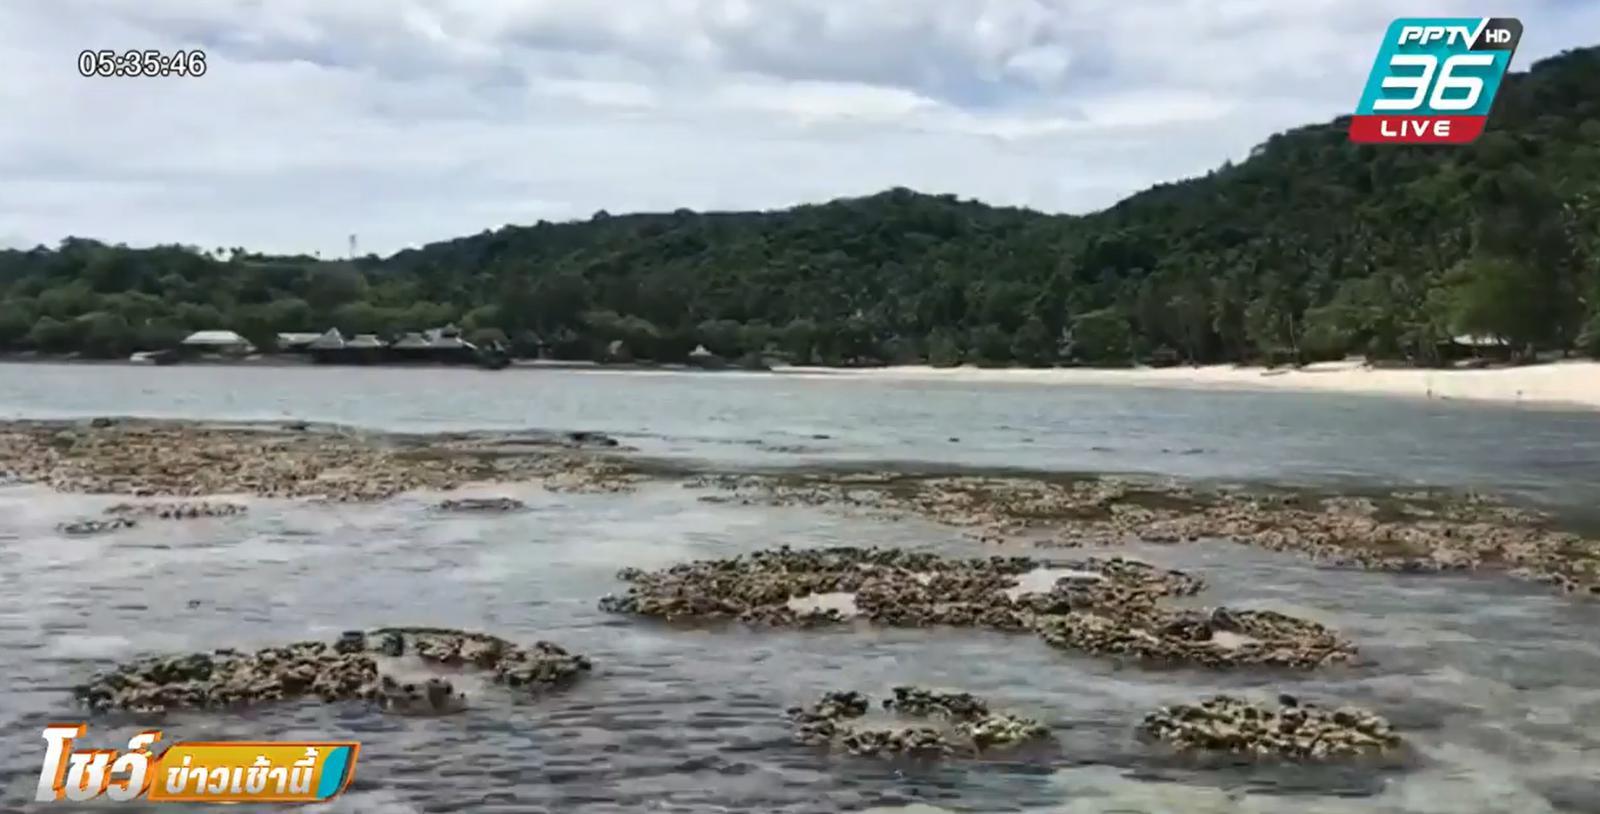 ปรากฎการณ์น้ำทะเลลดต่ำ ทำปะการังโผล่ที่เกาะทะลุ